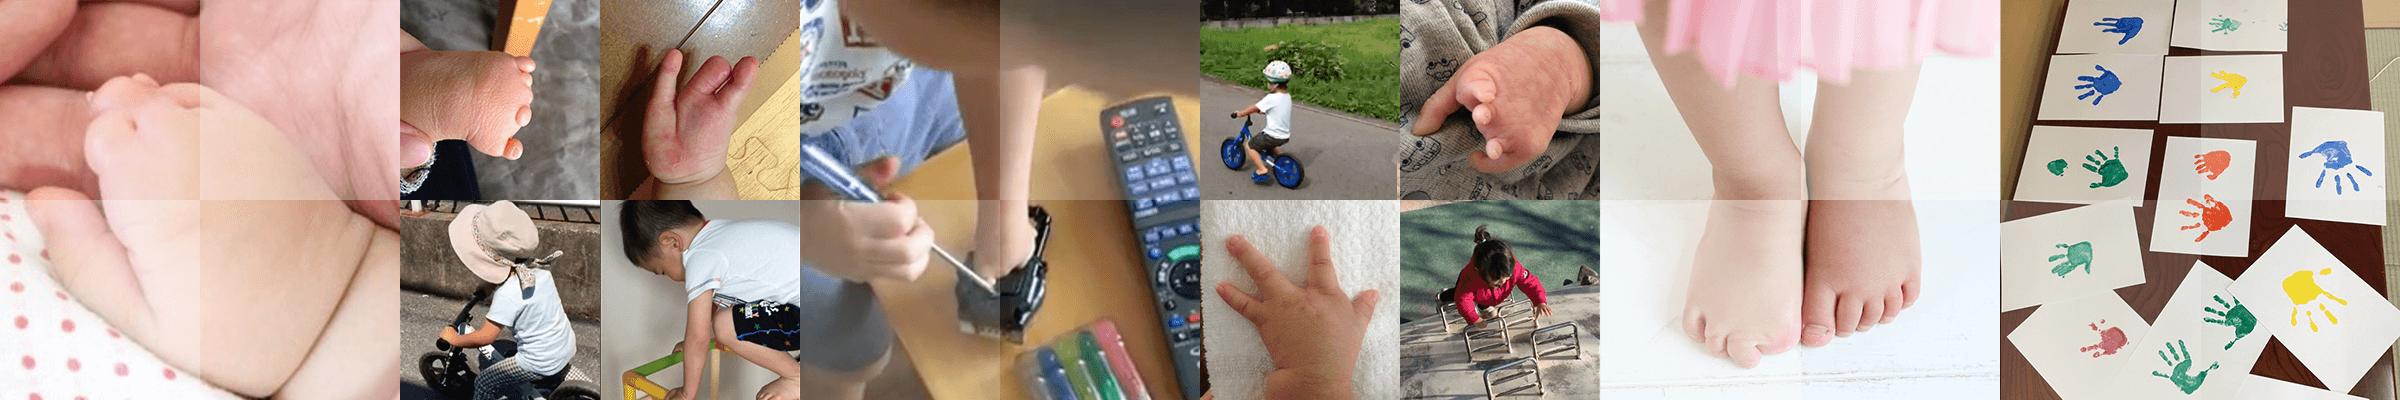 裂手裂足症・先天性絞扼輪症候群 イメージ画像